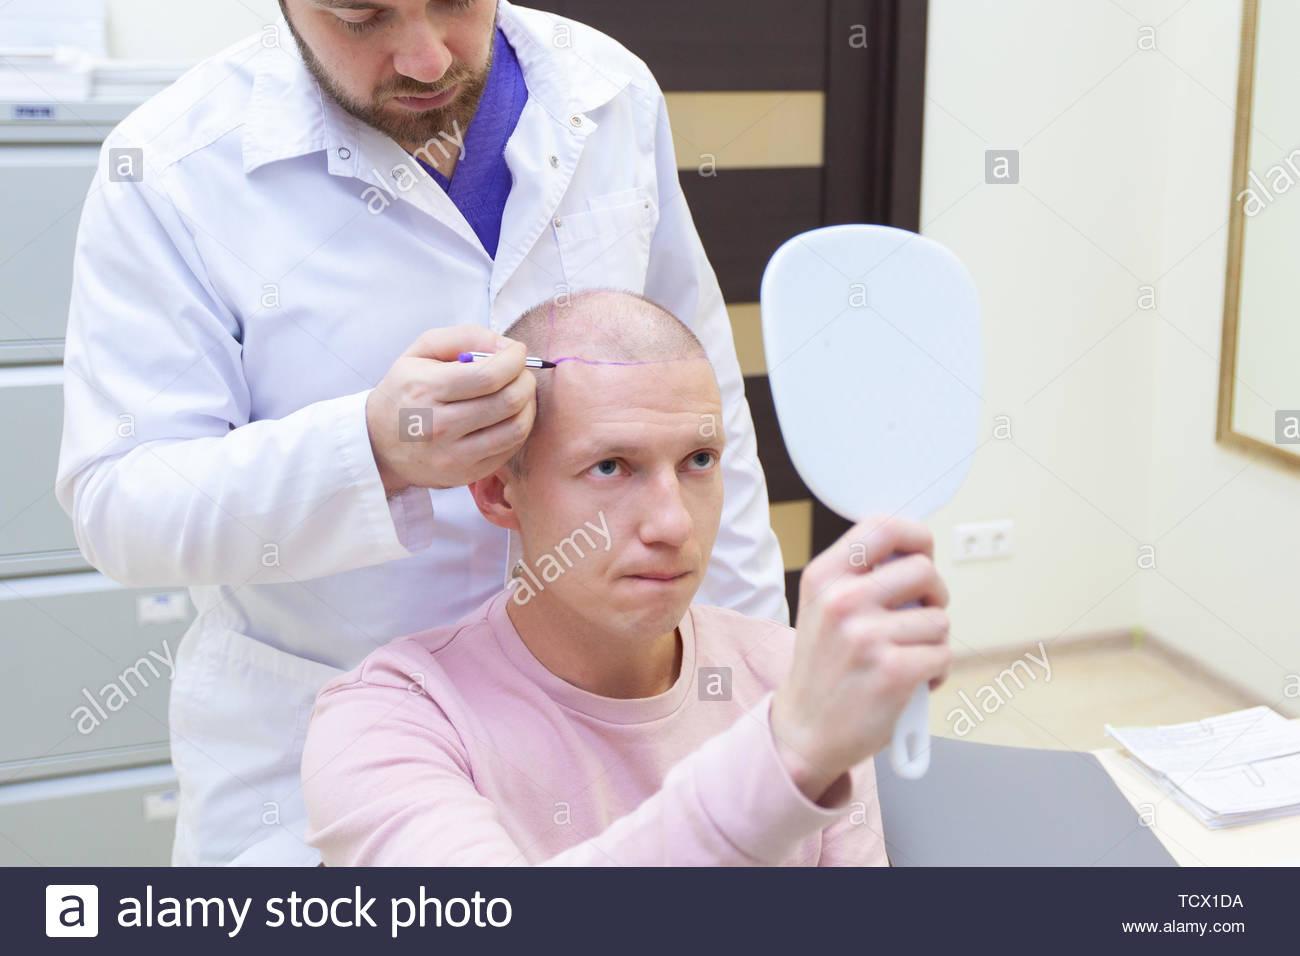 Baldness Stock Photos & Baldness Stock Images - Alamy